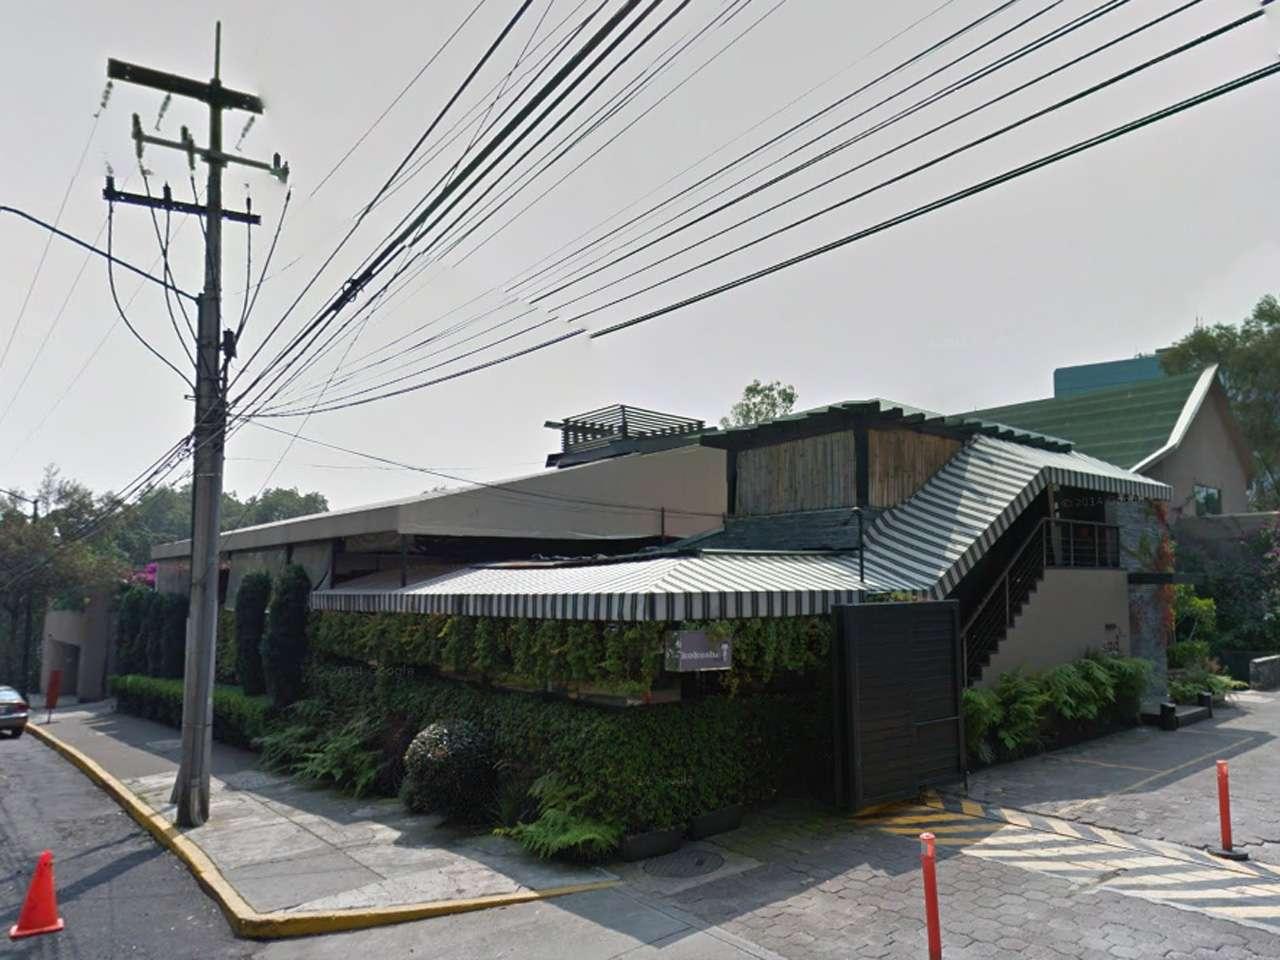 Al lugar se le colocó un sello de área de alto riesgo, aislamiento y suspensión temporal como medida de seguridad por parte de la Álvaro Obregón. Foto: Google Maps